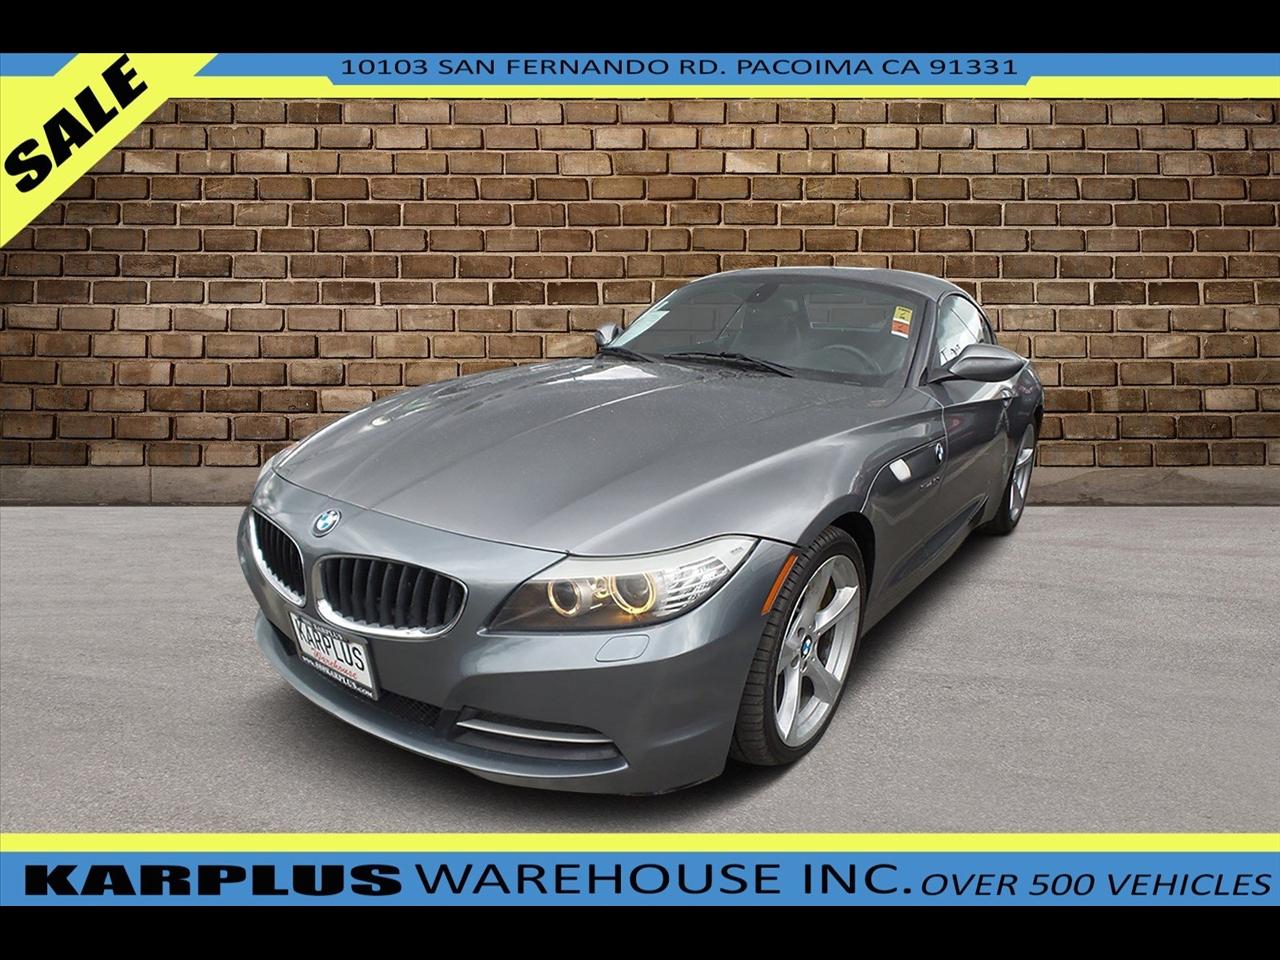 BMW Z4 sDrive30i 2011